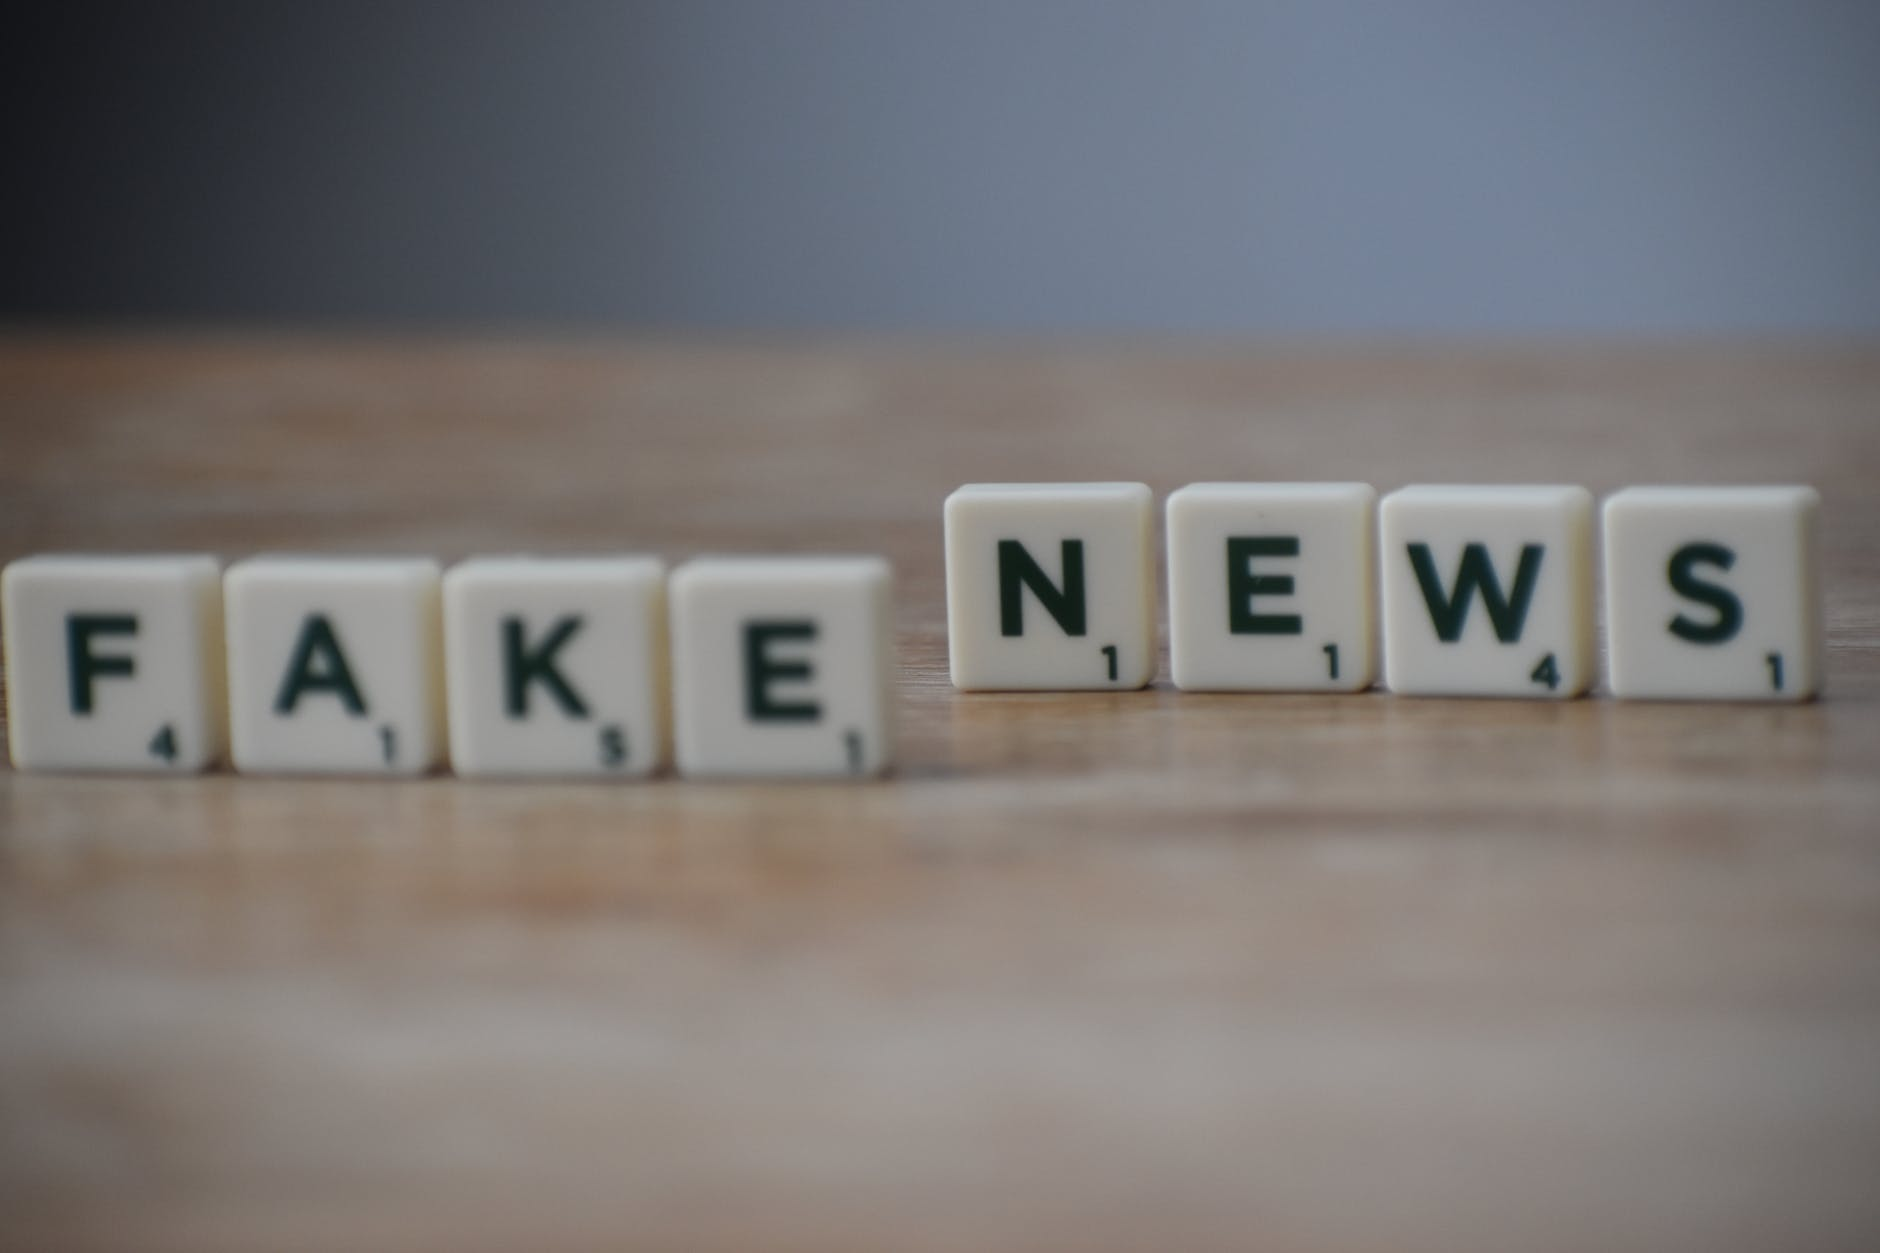 fakenewsnaseleicoes - Combate às fake news nas eleições